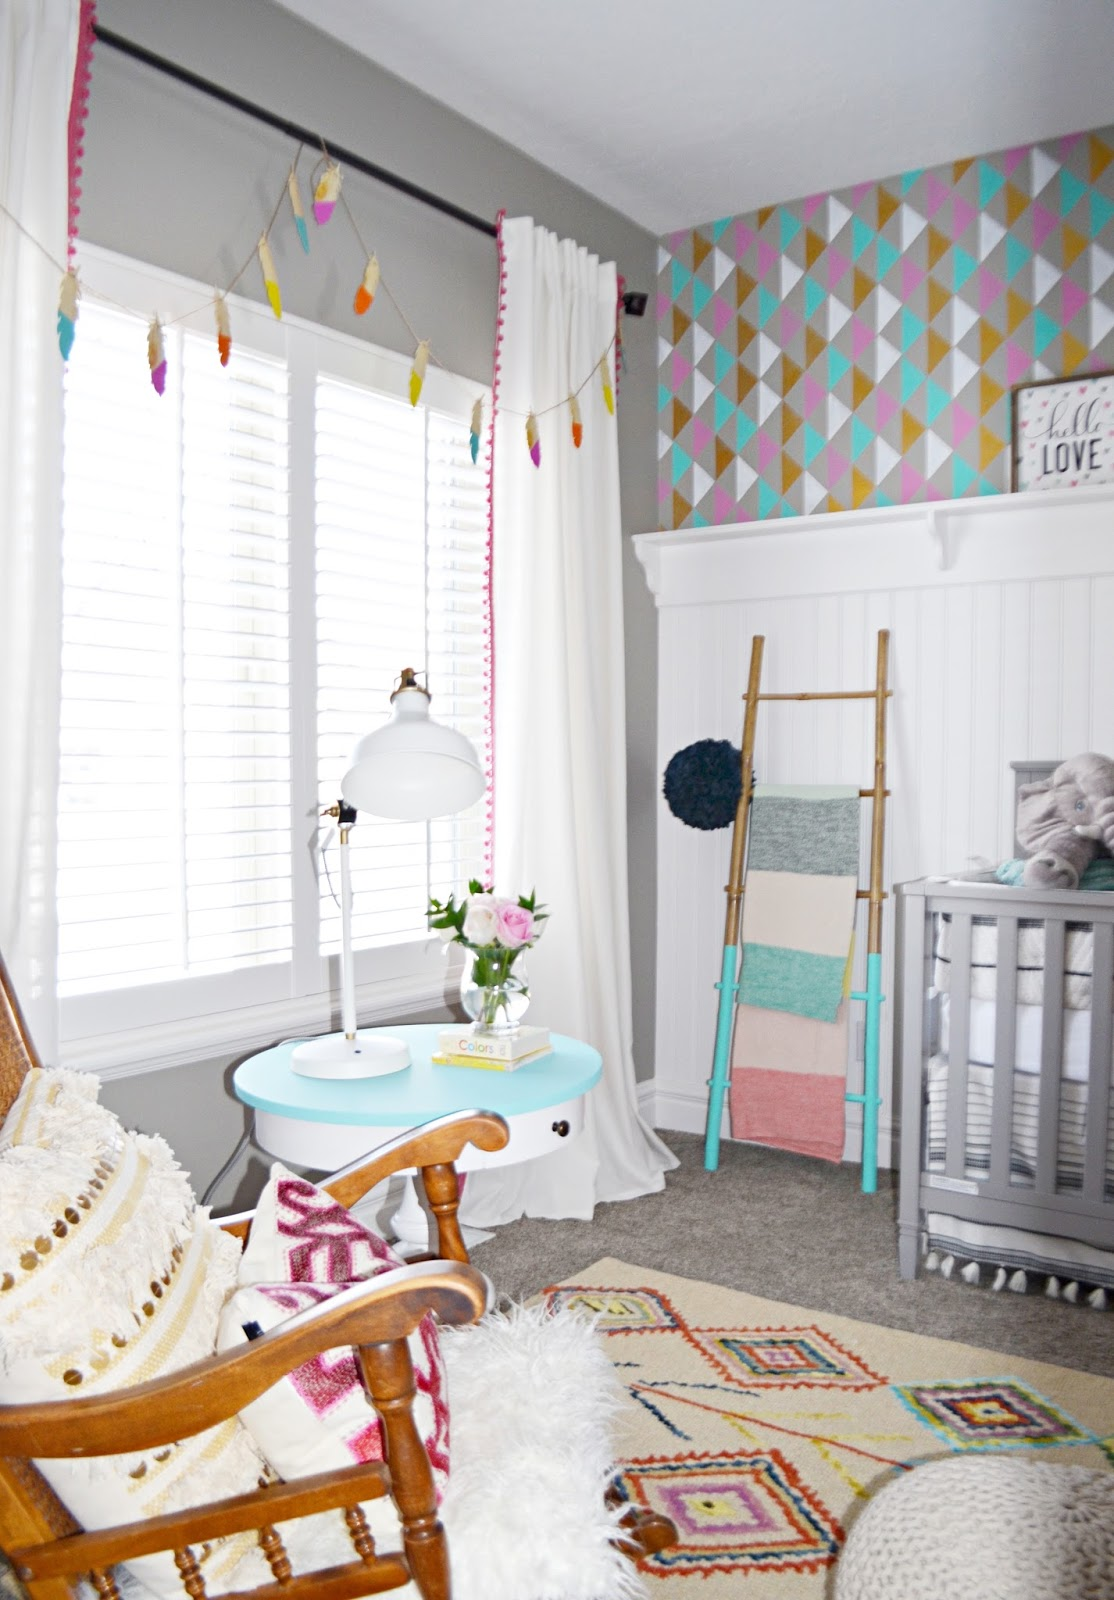 pom pom curtains, pom pom drapes, pompom, feather decor